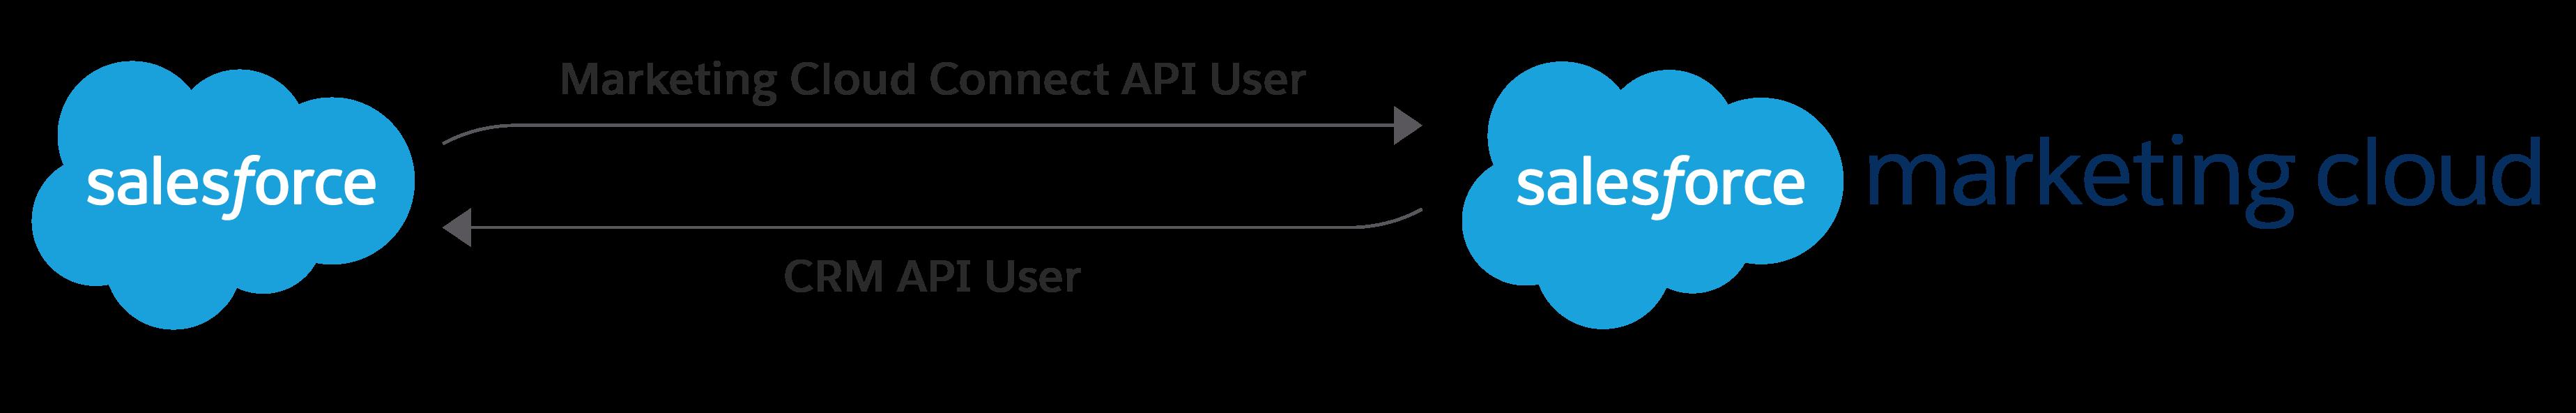 Beziehungsdiagramm, in dem der Marketing Cloud Connect-API-Benutzer und der CRM-API-Benutzer bei der Herstellung der Verbindung zwischen Salesforce und Salesforce Marketing Cloud dargestellt sind.